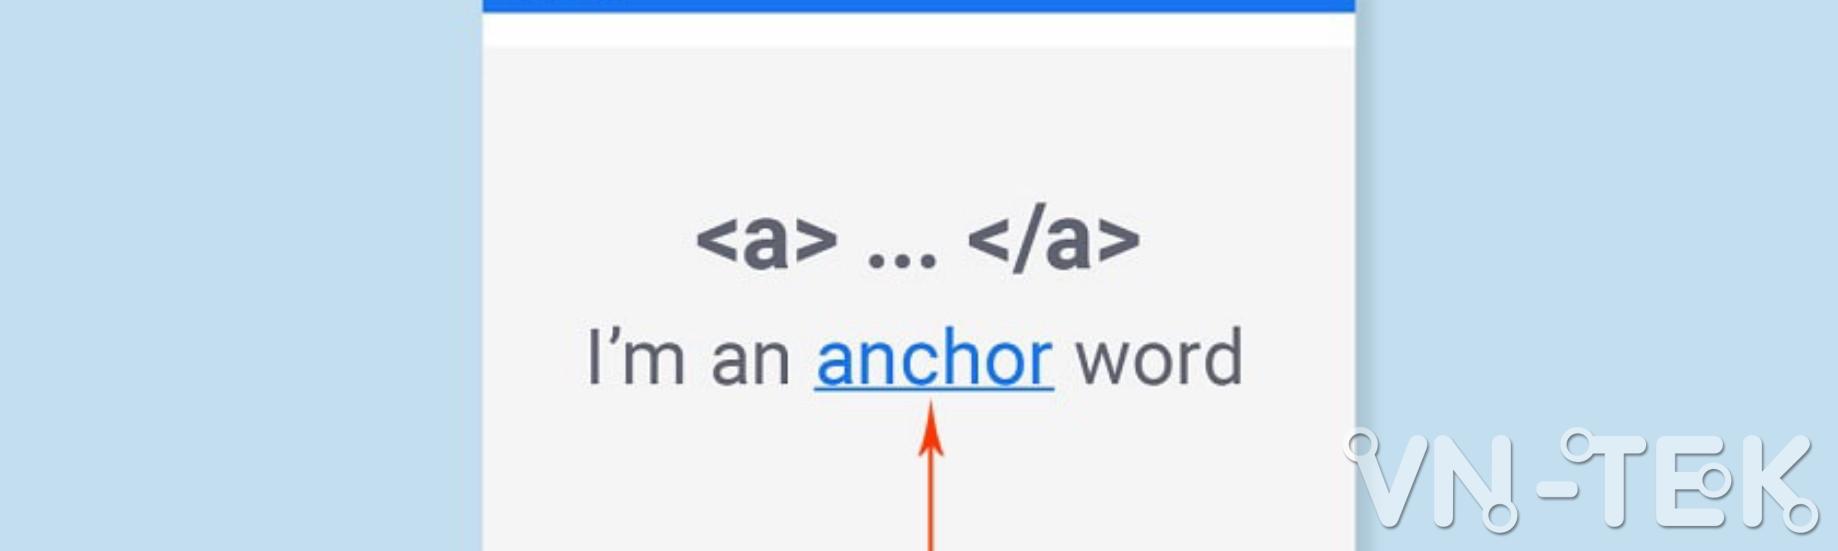 cac kieu anchor tex - 6 Cách Tối Ưu Anchor Text Cực Kì Hiệu Quả Cần Phải Biết